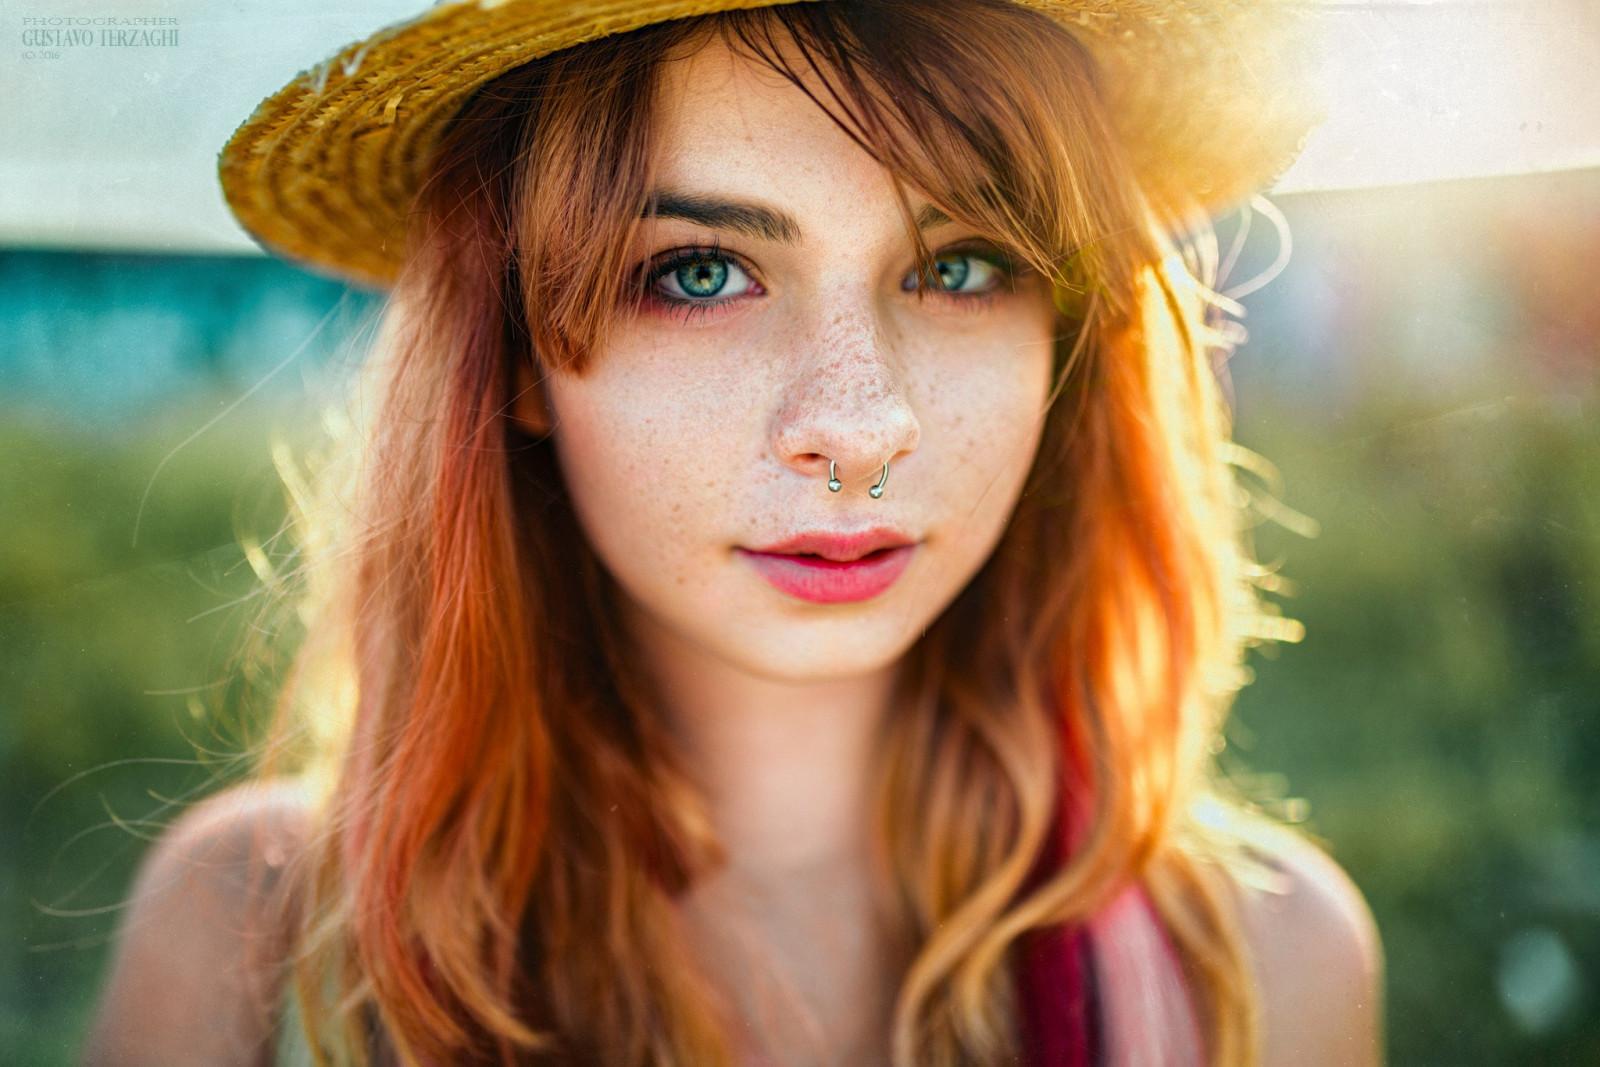 Wallpaper Face Women Model Nose Rings Long Hair: Wallpaper : Face, Women, Redhead, Model, Nose Rings, Long